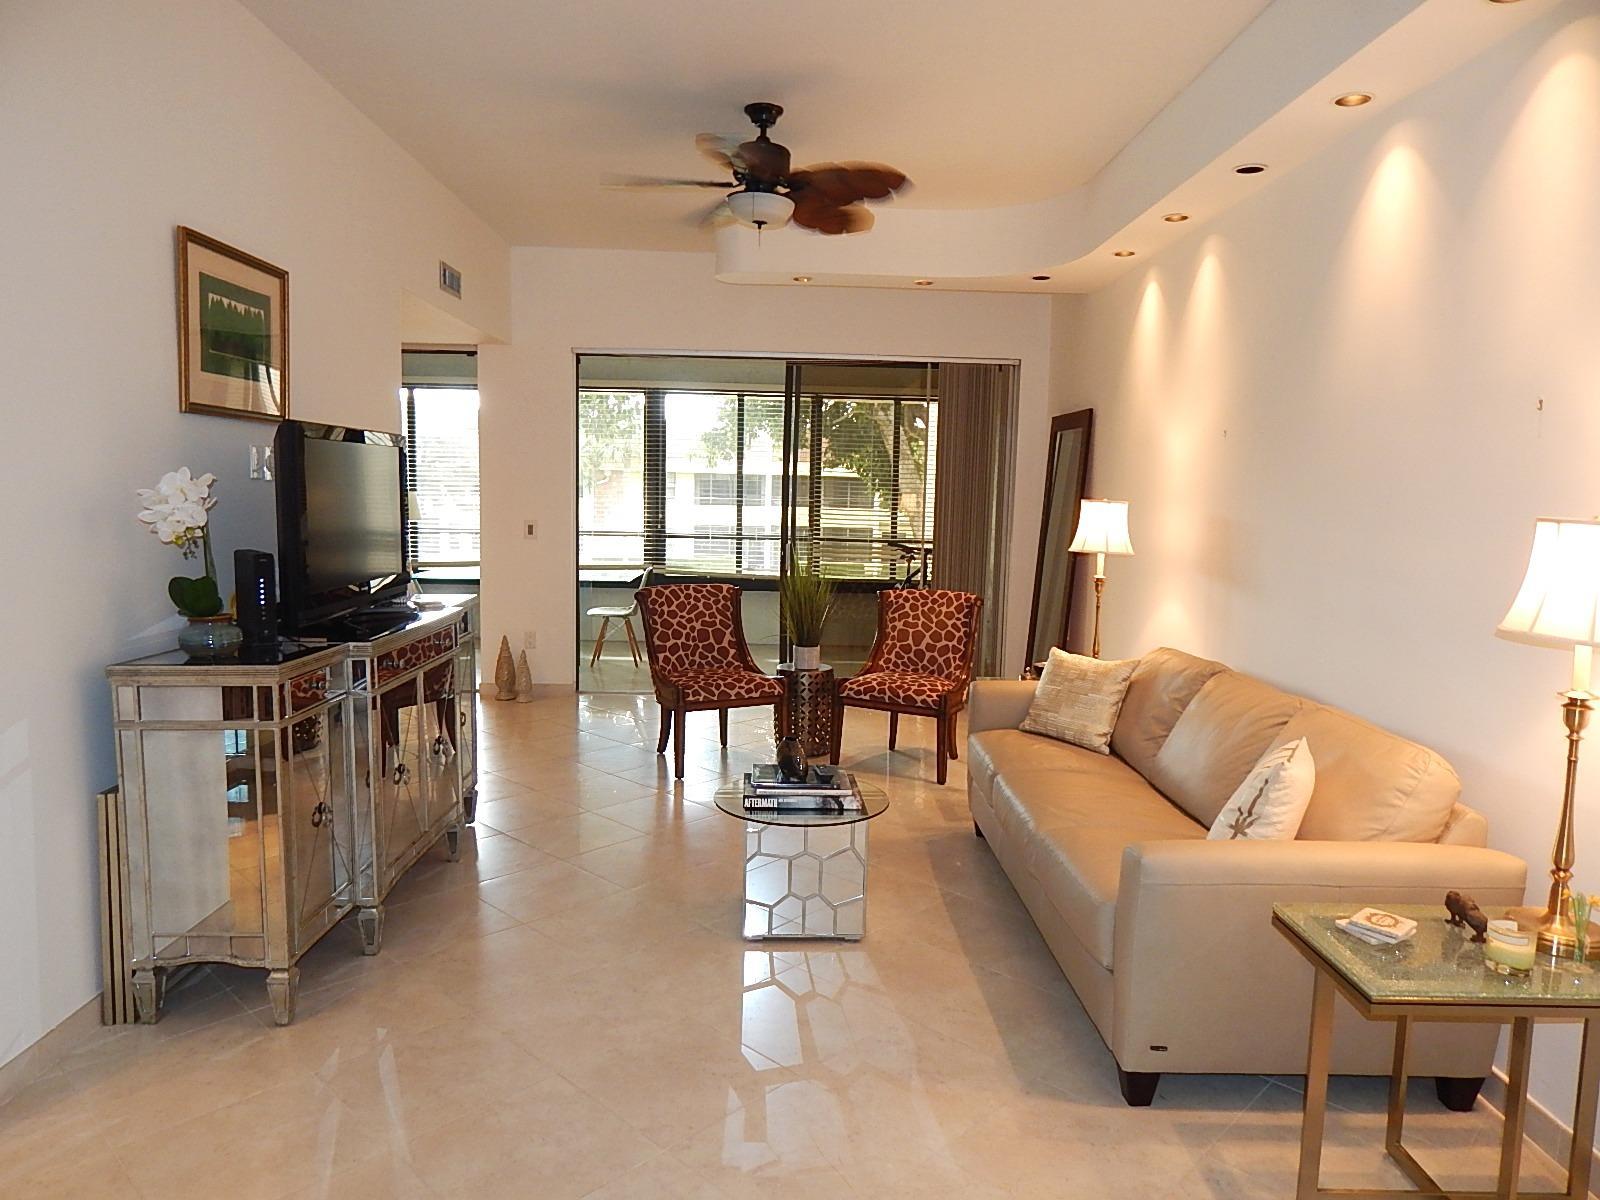 7484 La Paz Place #204 Boca Raton, FL 33433